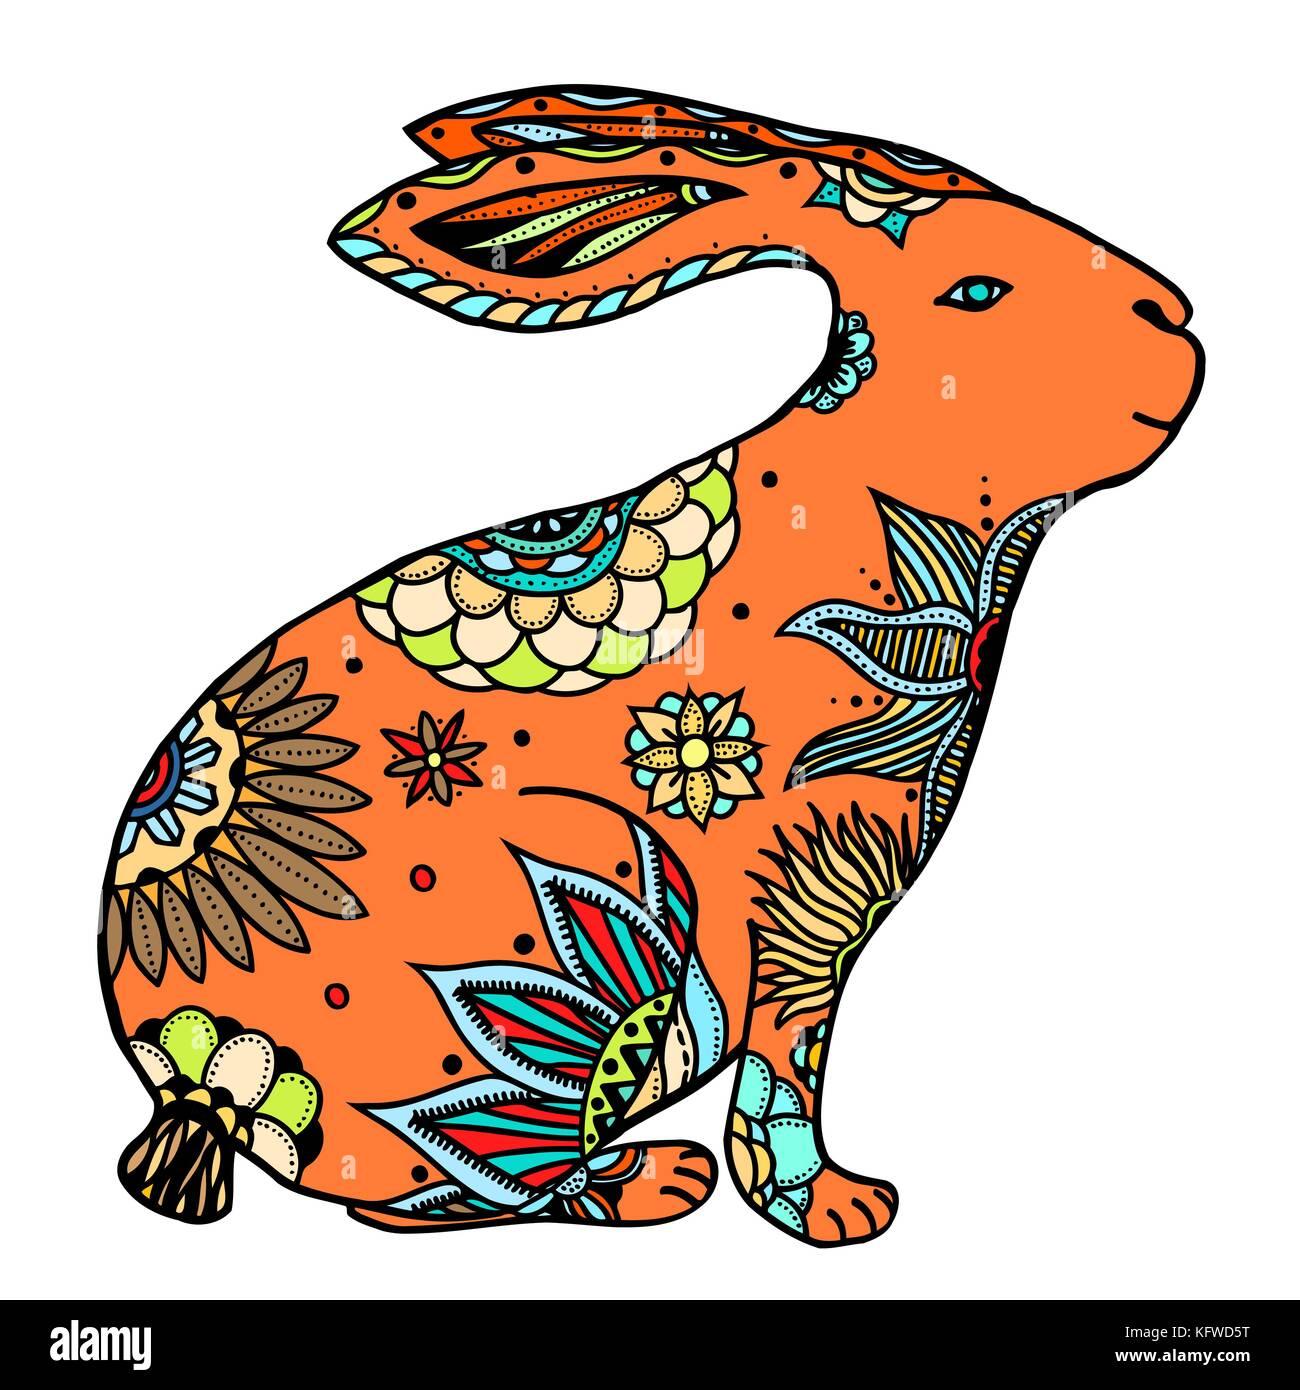 Lobo gris unión soviética oswald la liebre conejo suerte, unión soviética,  mano, dibujos animados, liebre png | Klipartz